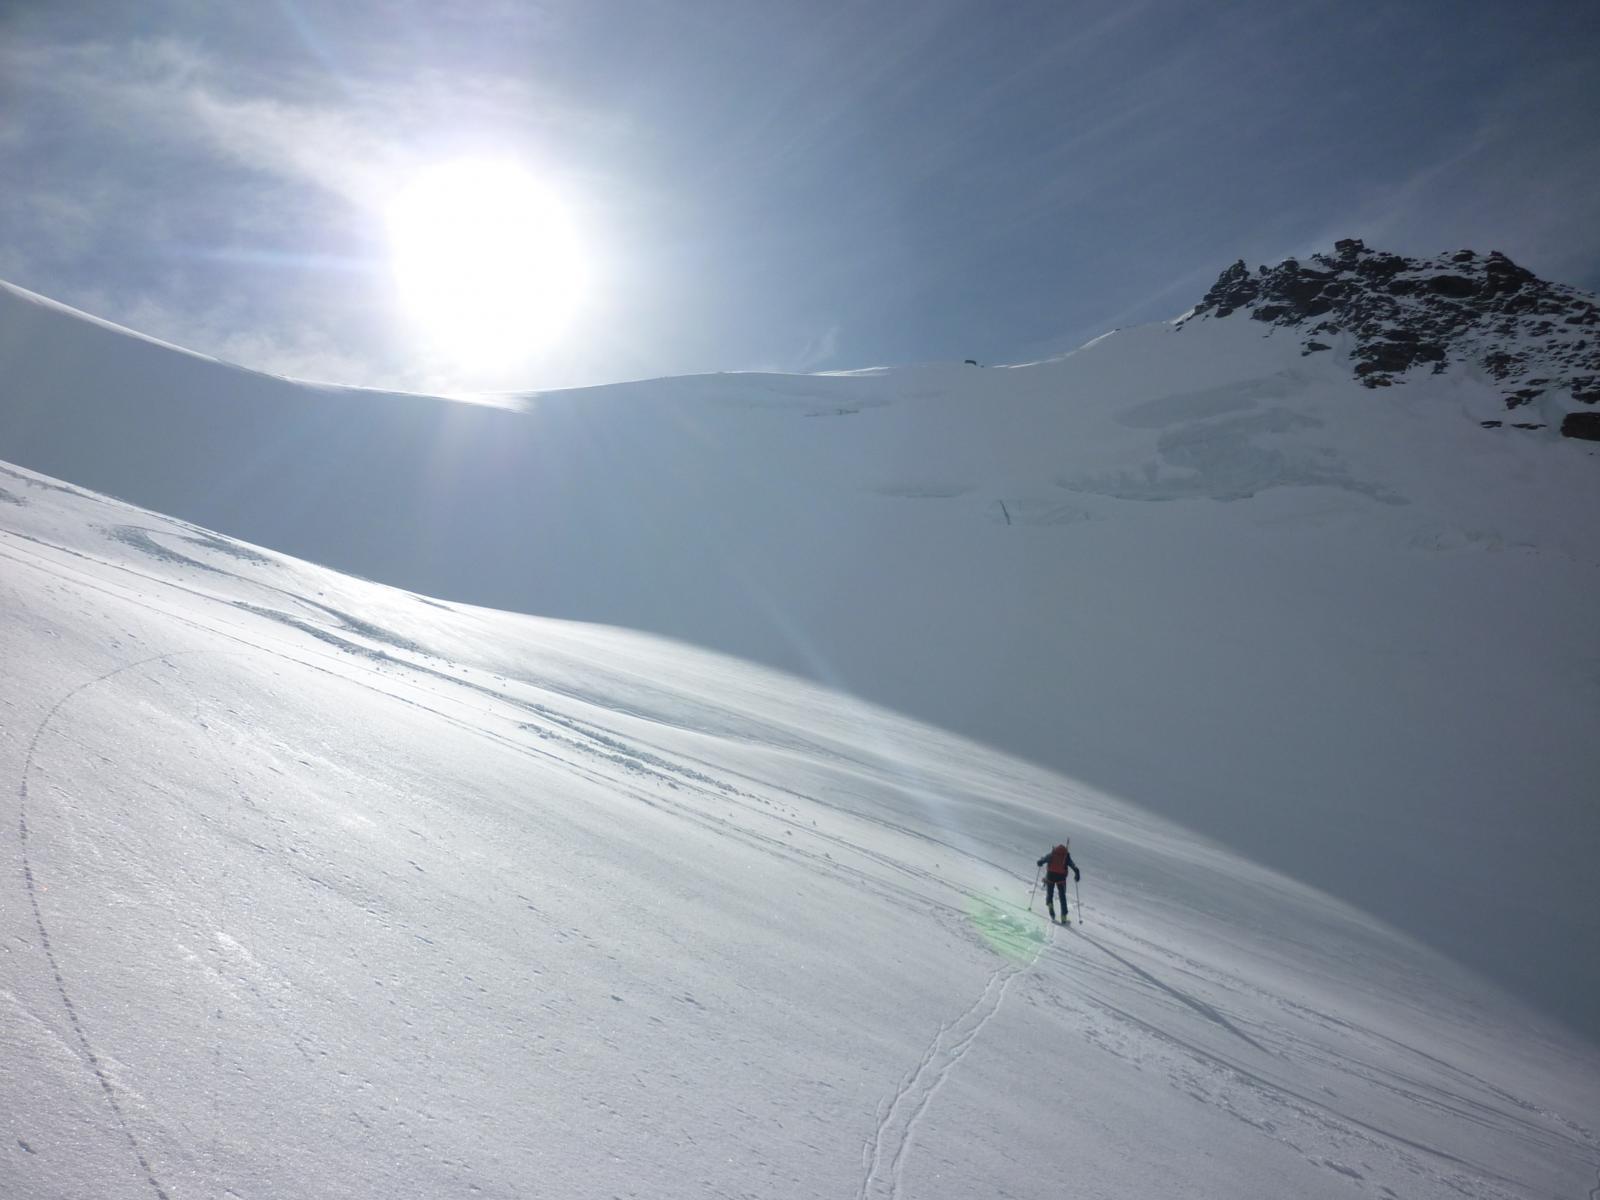 fulvio nella parte alta del ghiacciaio